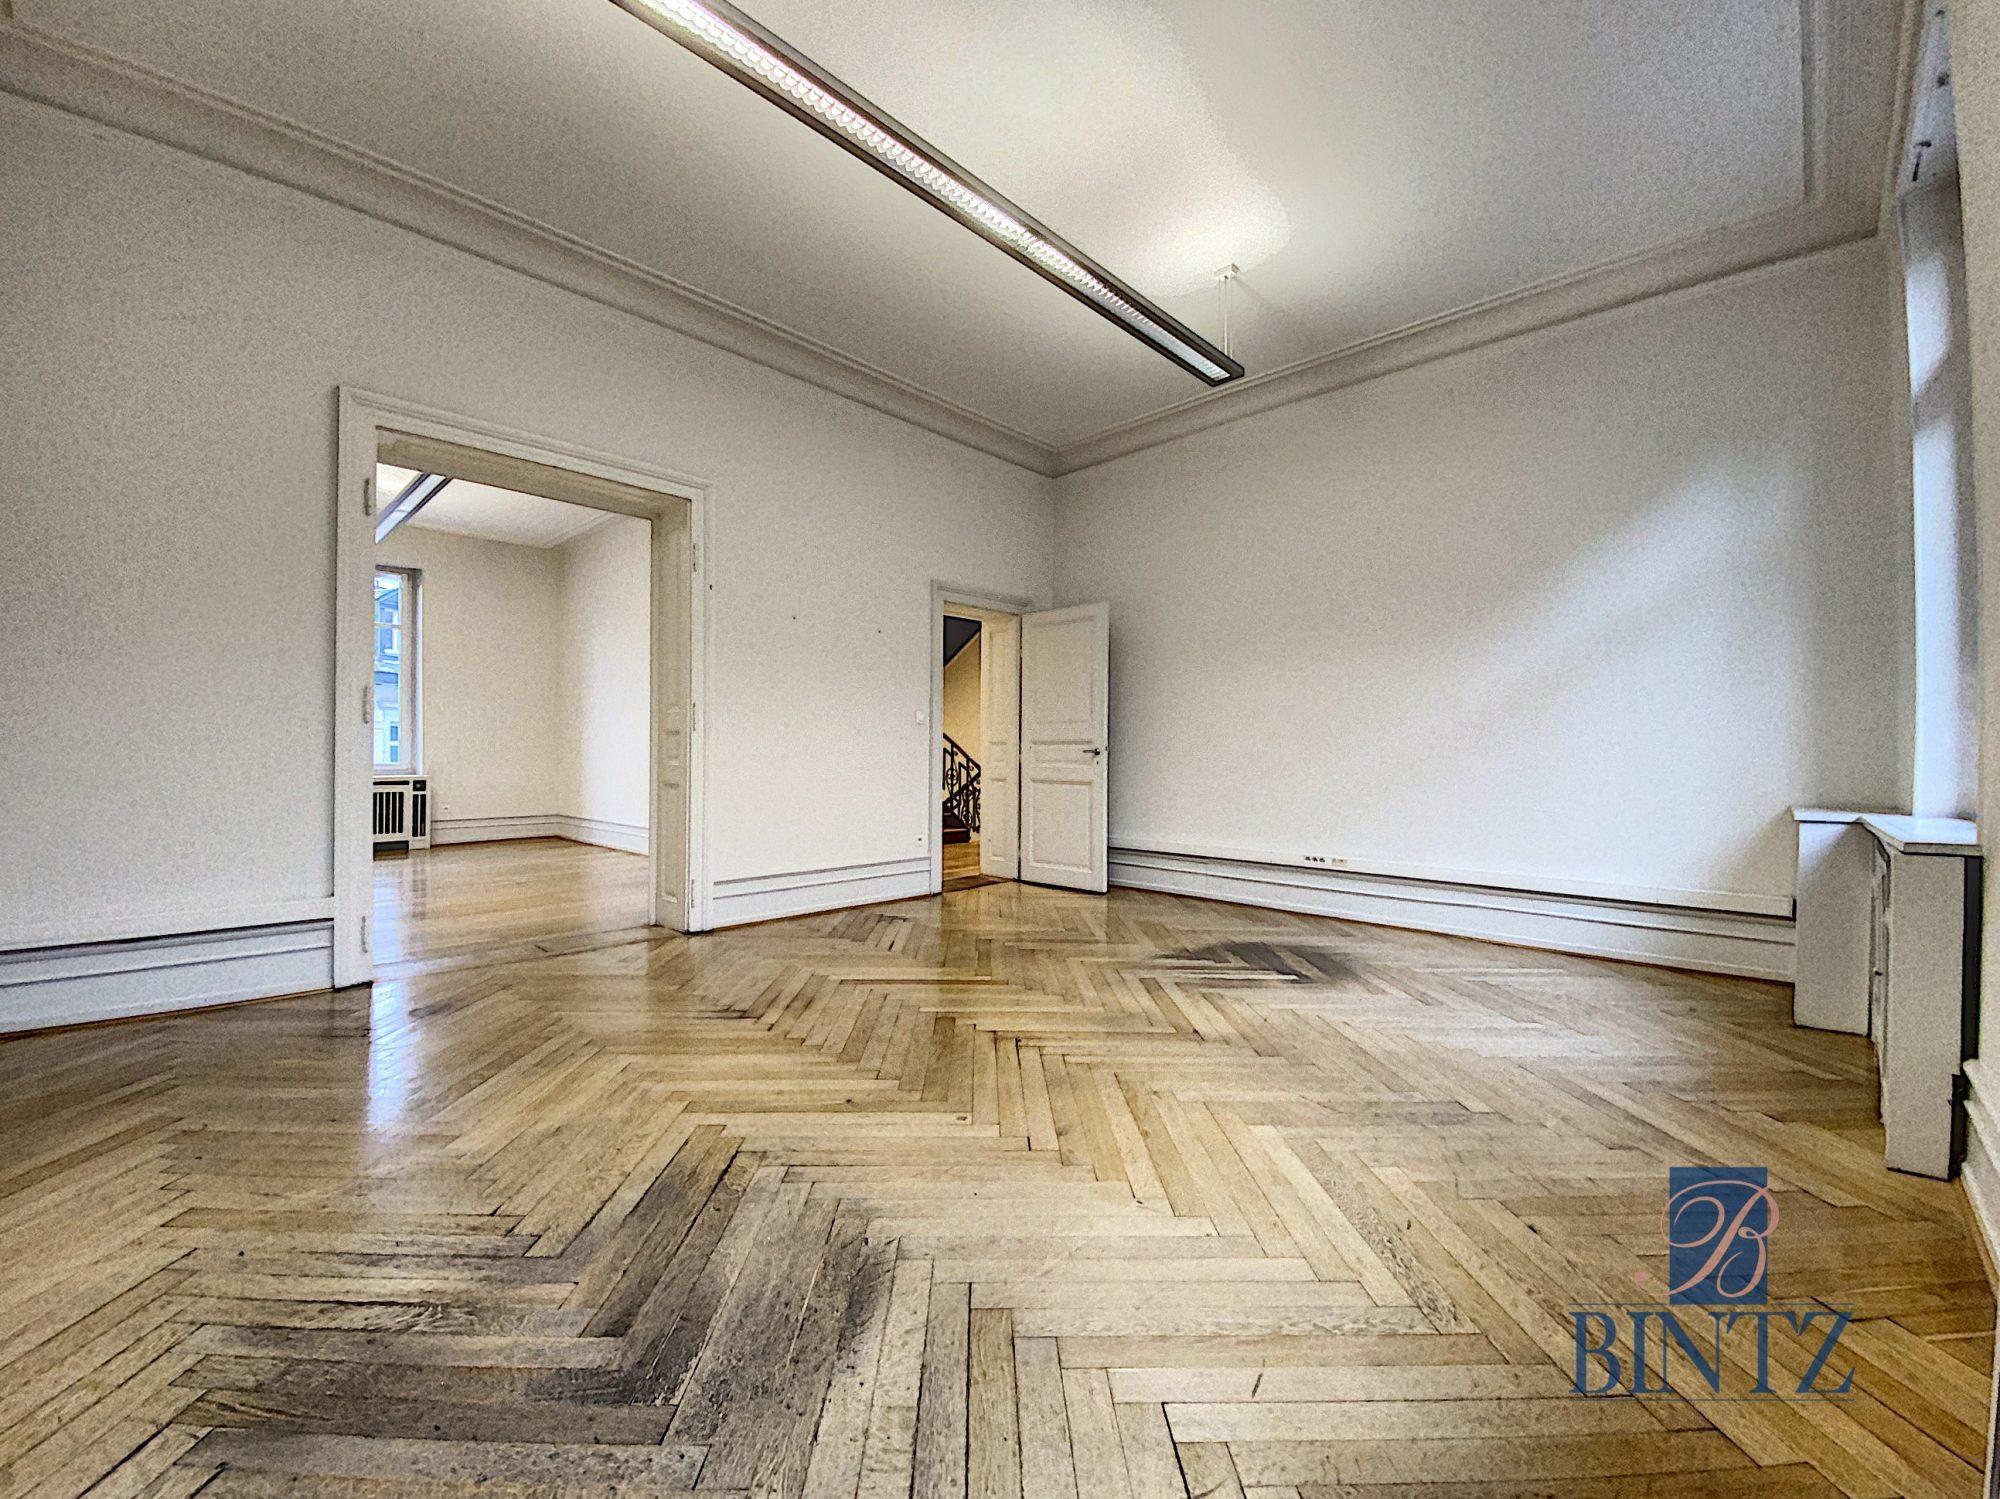 Immeuble de bureaux à louer - Devenez locataire en toute sérénité - Bintz Immobilier - 10